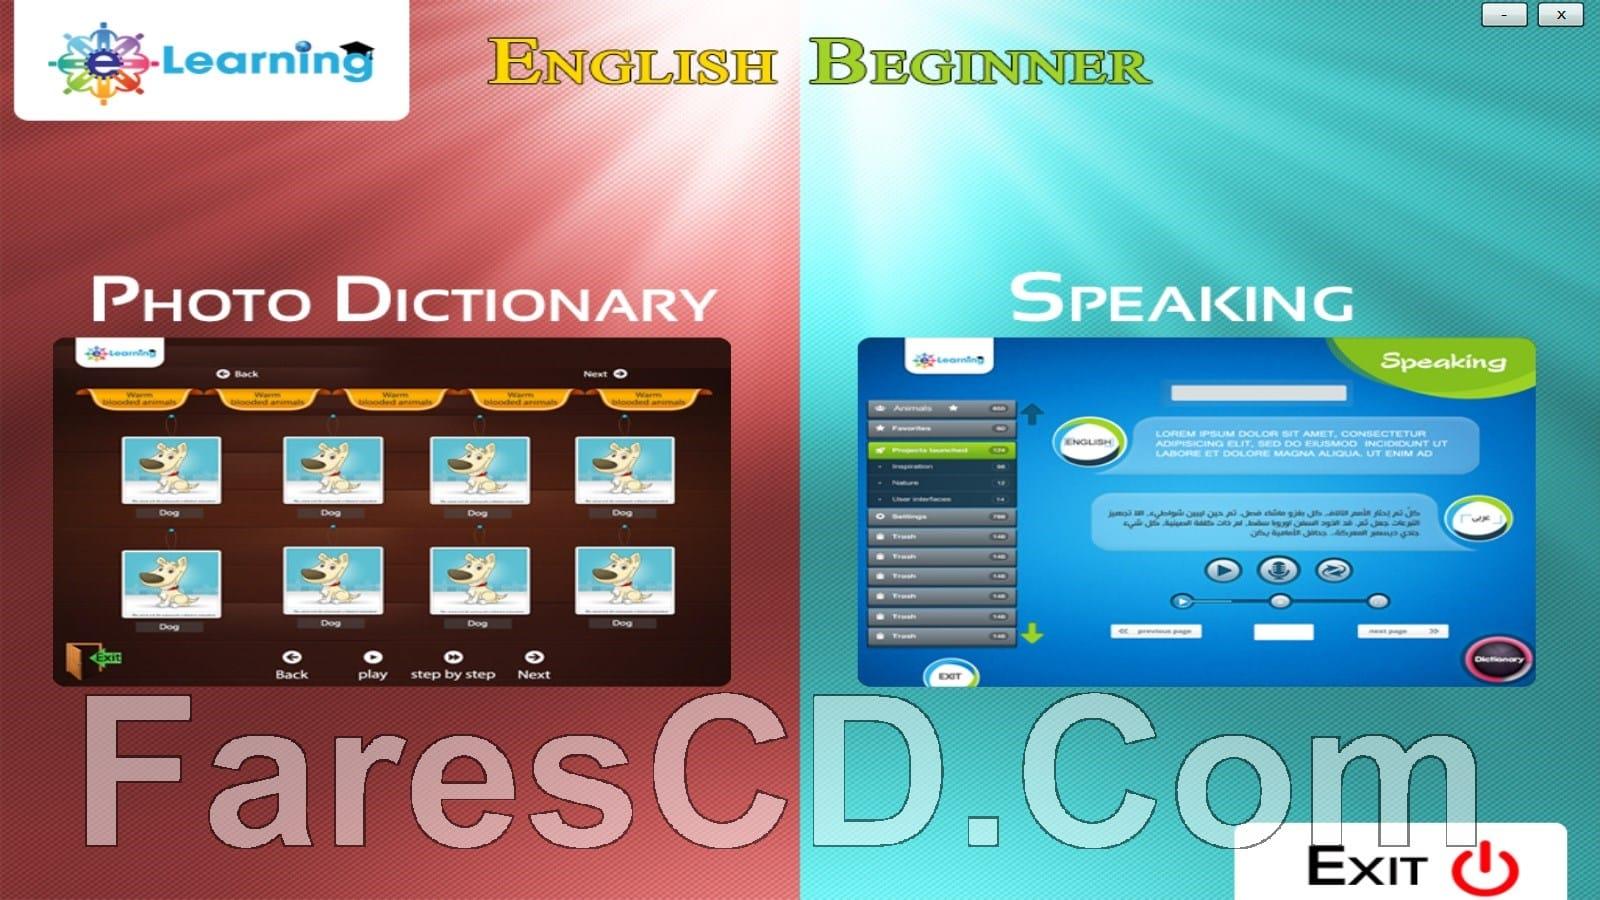 اسطوانة تعليم الإنجليزية للمبتدئين   E-Learning Beginner